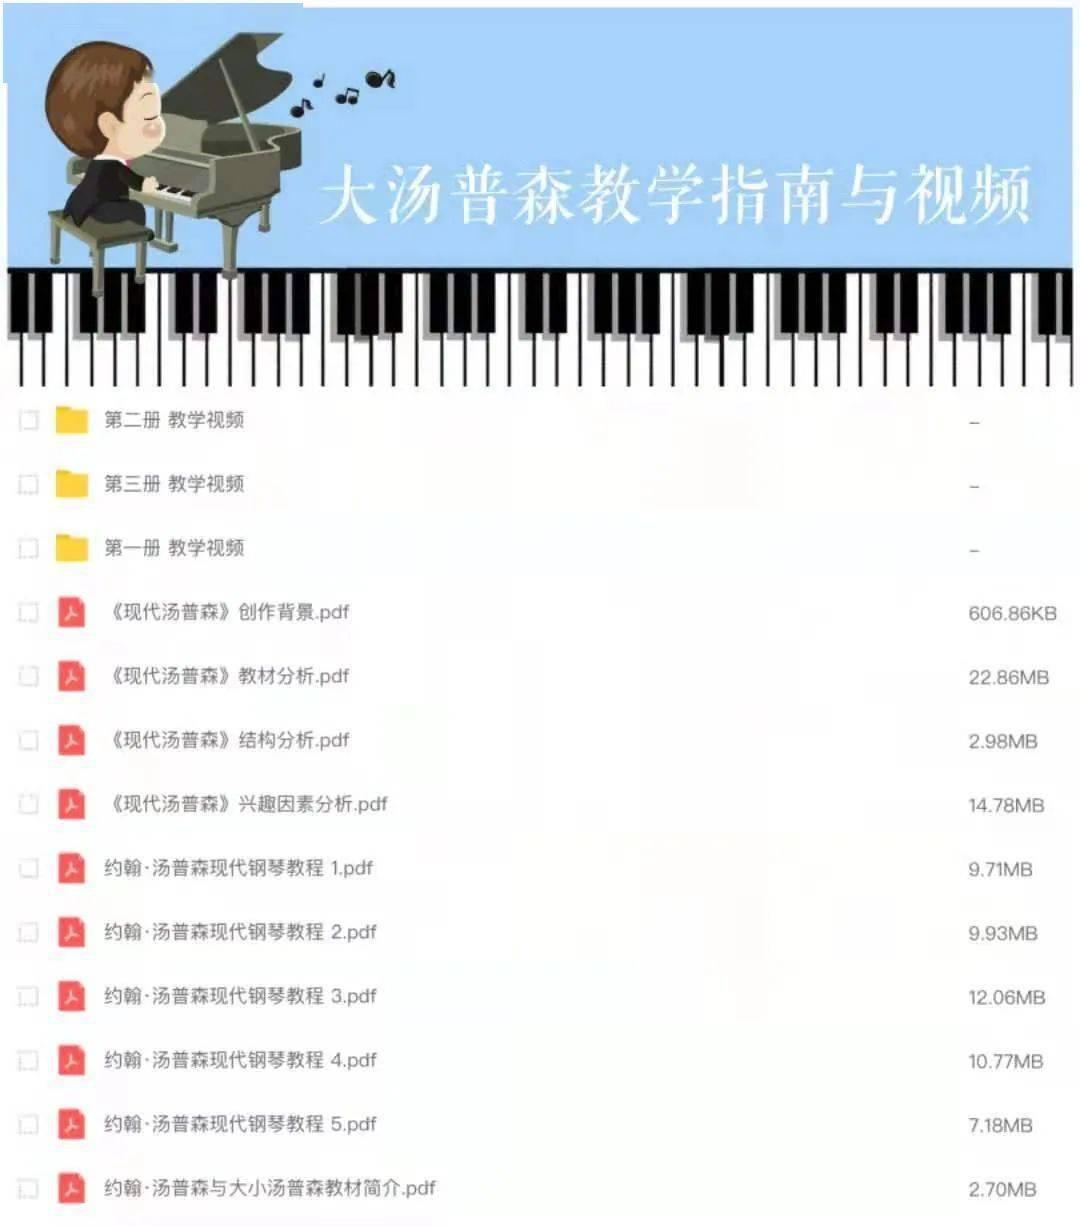 哈农六简谱_哈农第三条钢琴谱简谱